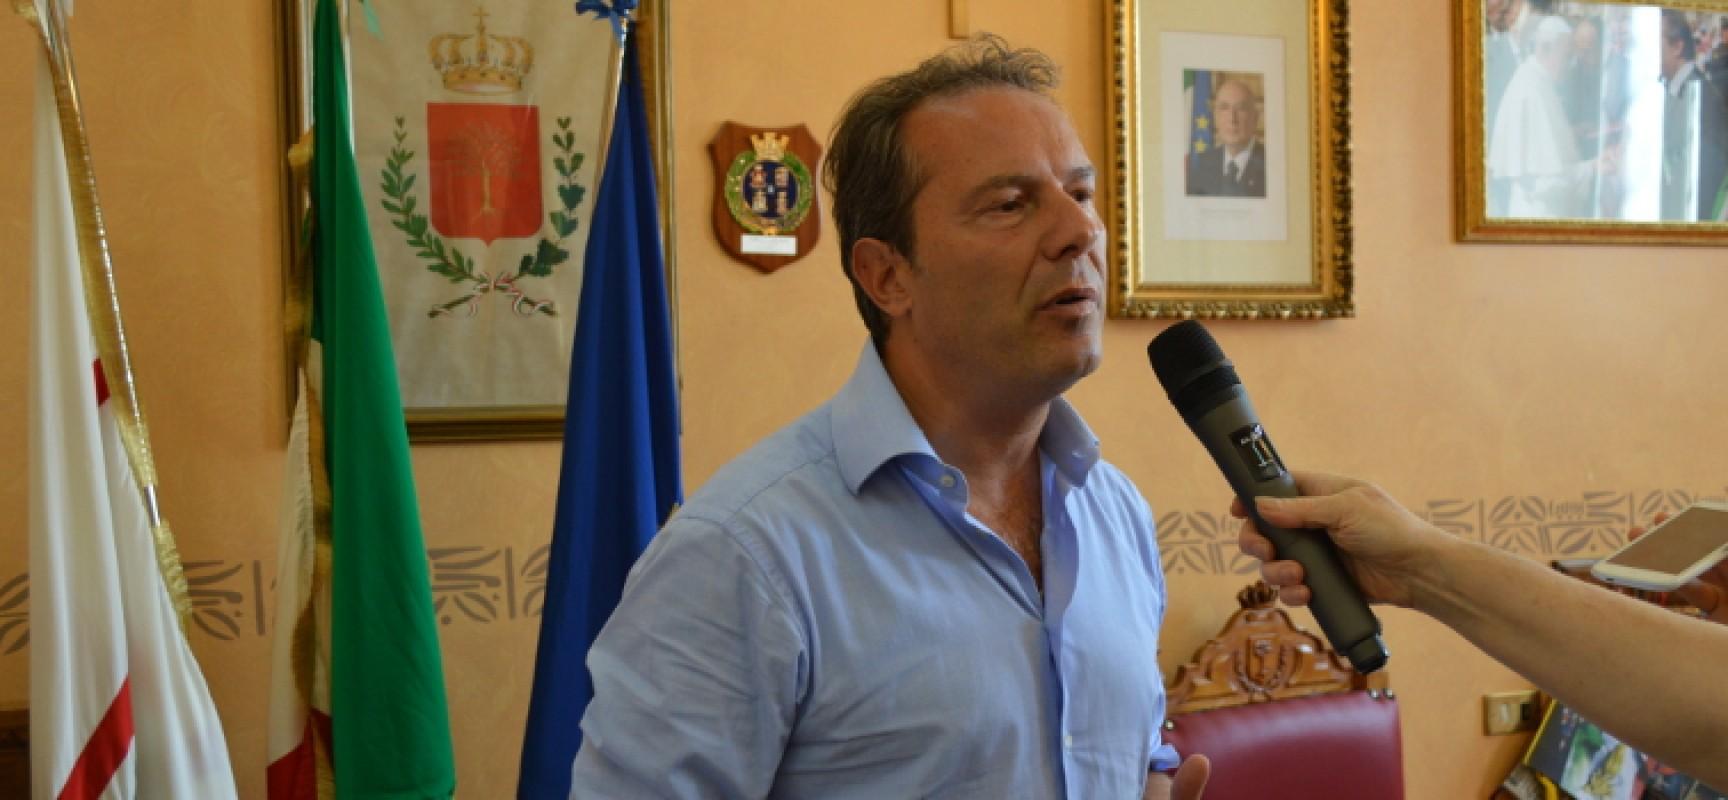 Morte Di Sia: il Ministero dell'Interno ritiene corretta la decisione del Sindaco Spina